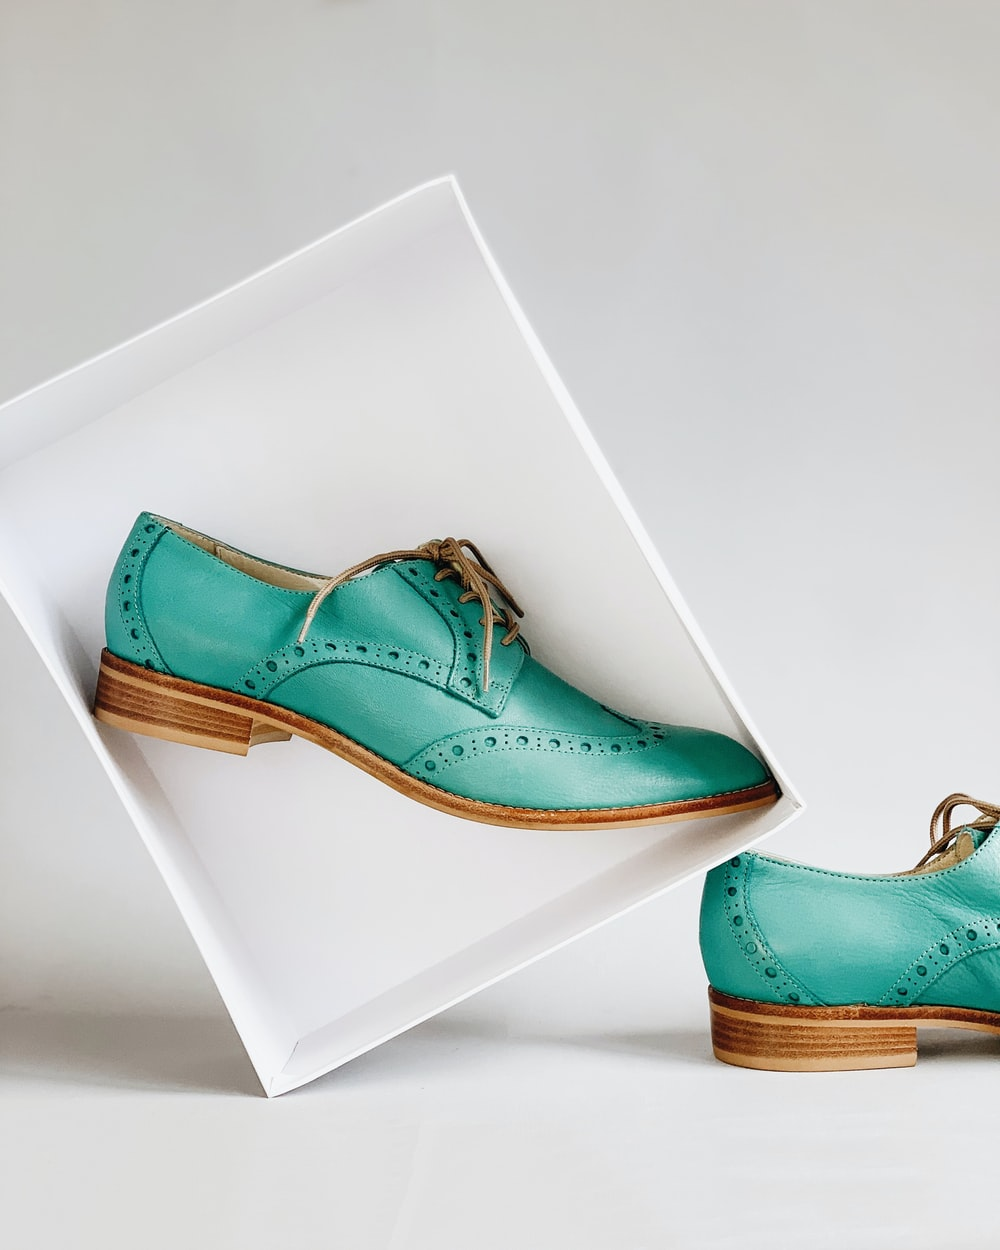 green wingtip shoes screensho